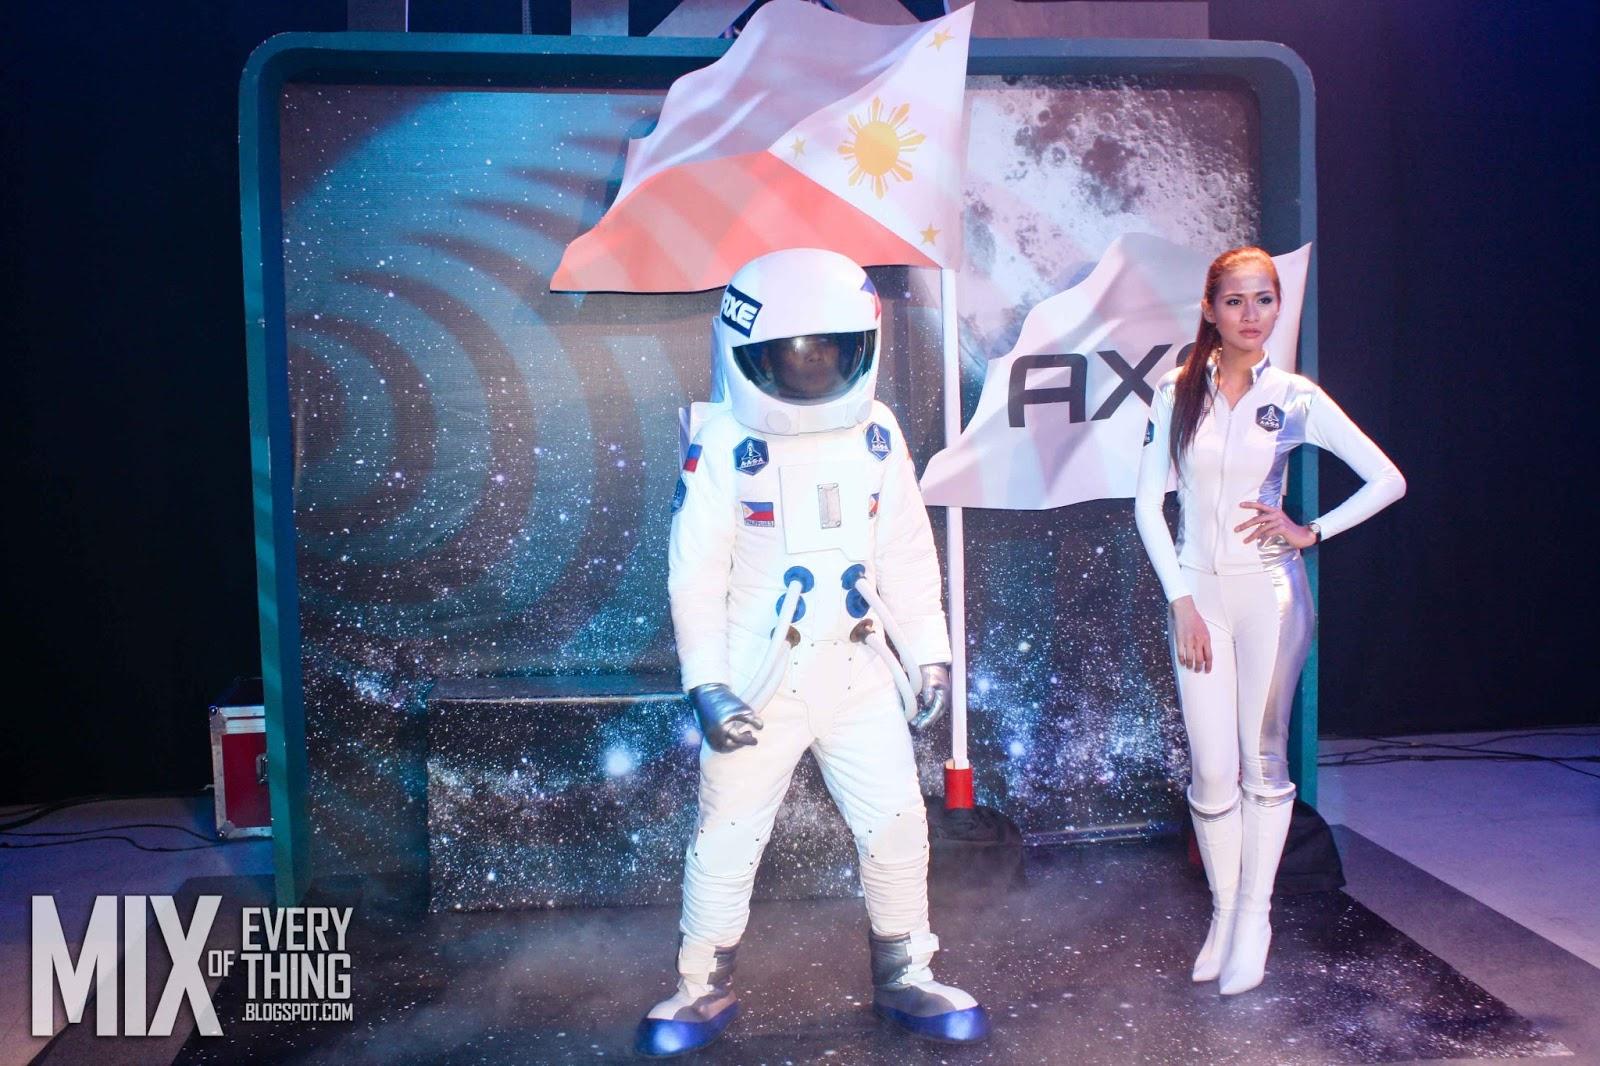 axe apollo space academy hoax - photo #22